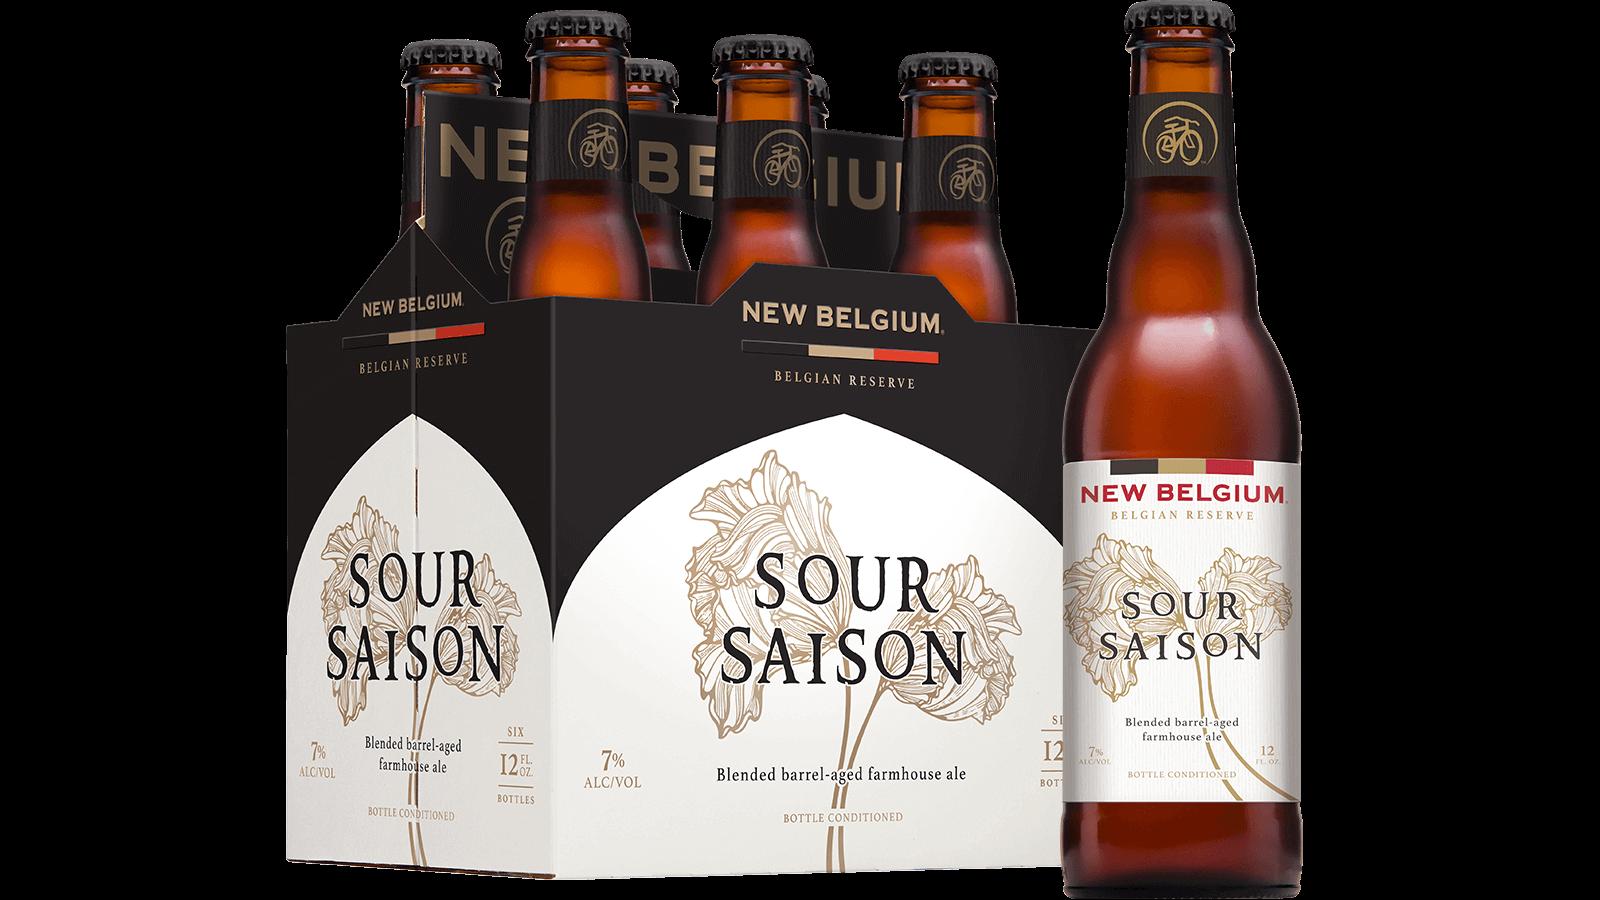 sour saison sour saison new belgium brewing